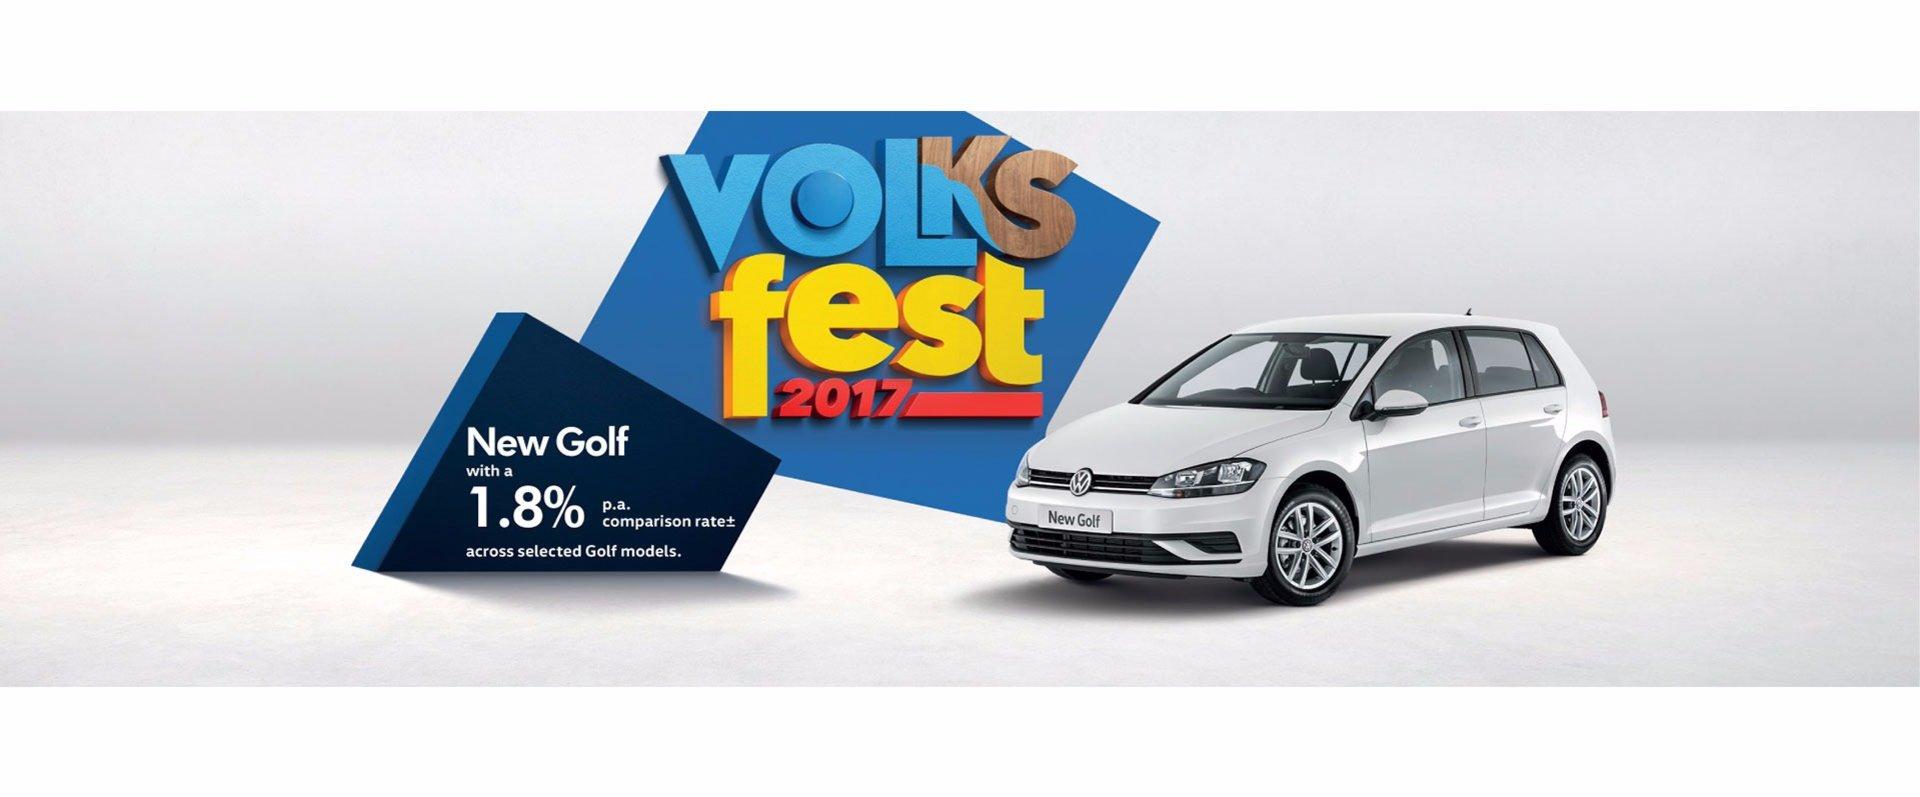 Penrith Volkswagen Volksfest